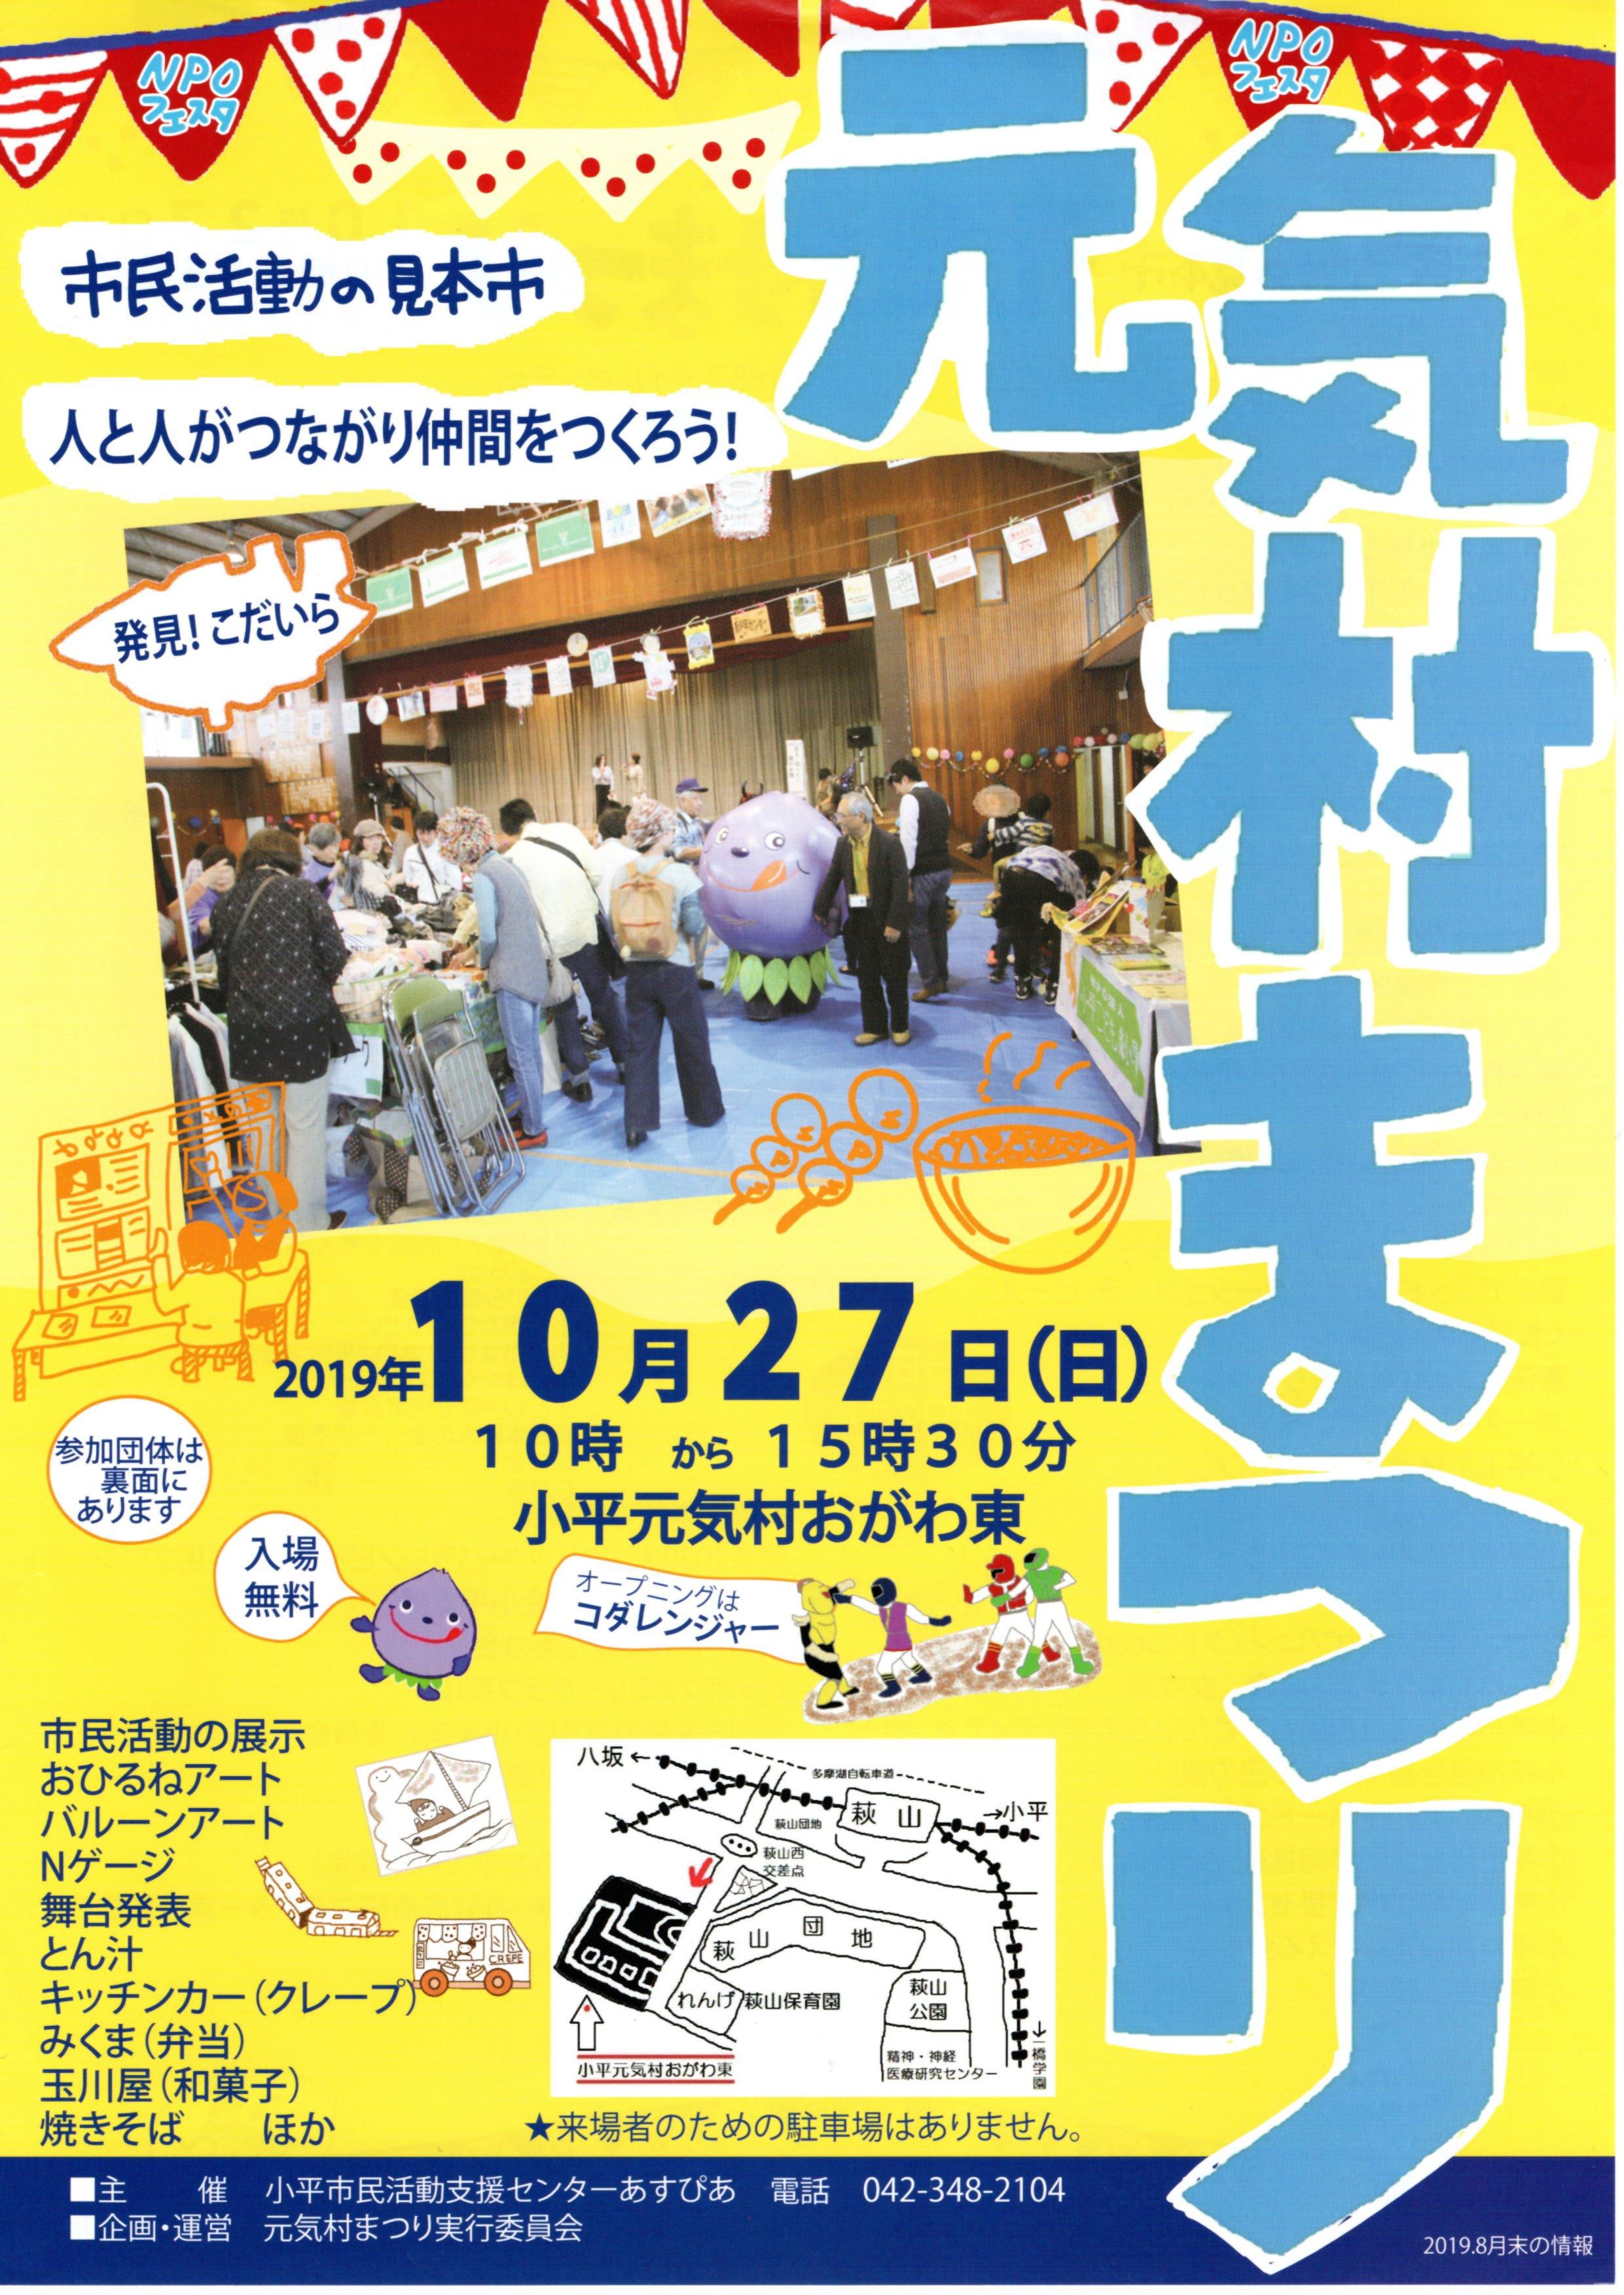 元気村まつりは市民活動の見本市です